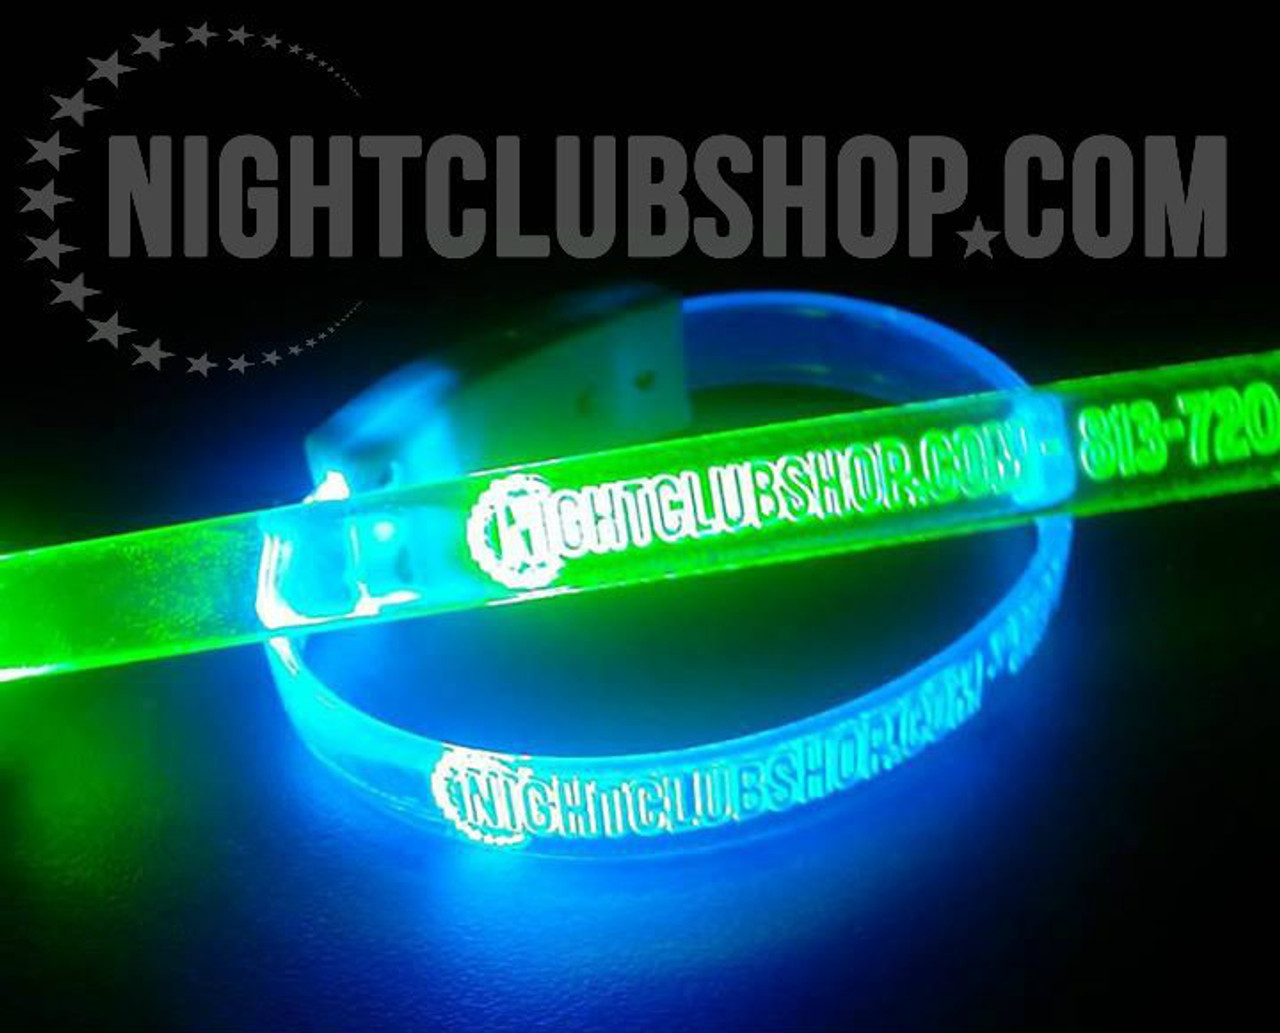 Custom,Engraved,Branded,Personalized, Bulk, LED, Wristband, LED wristband, Bracelet, Glow,Neon, UV, LED Bands, wrist band,wristband, illuminated, light up, wholesale, School, wedding, nightclub, promo, merch, brand,LED wristband